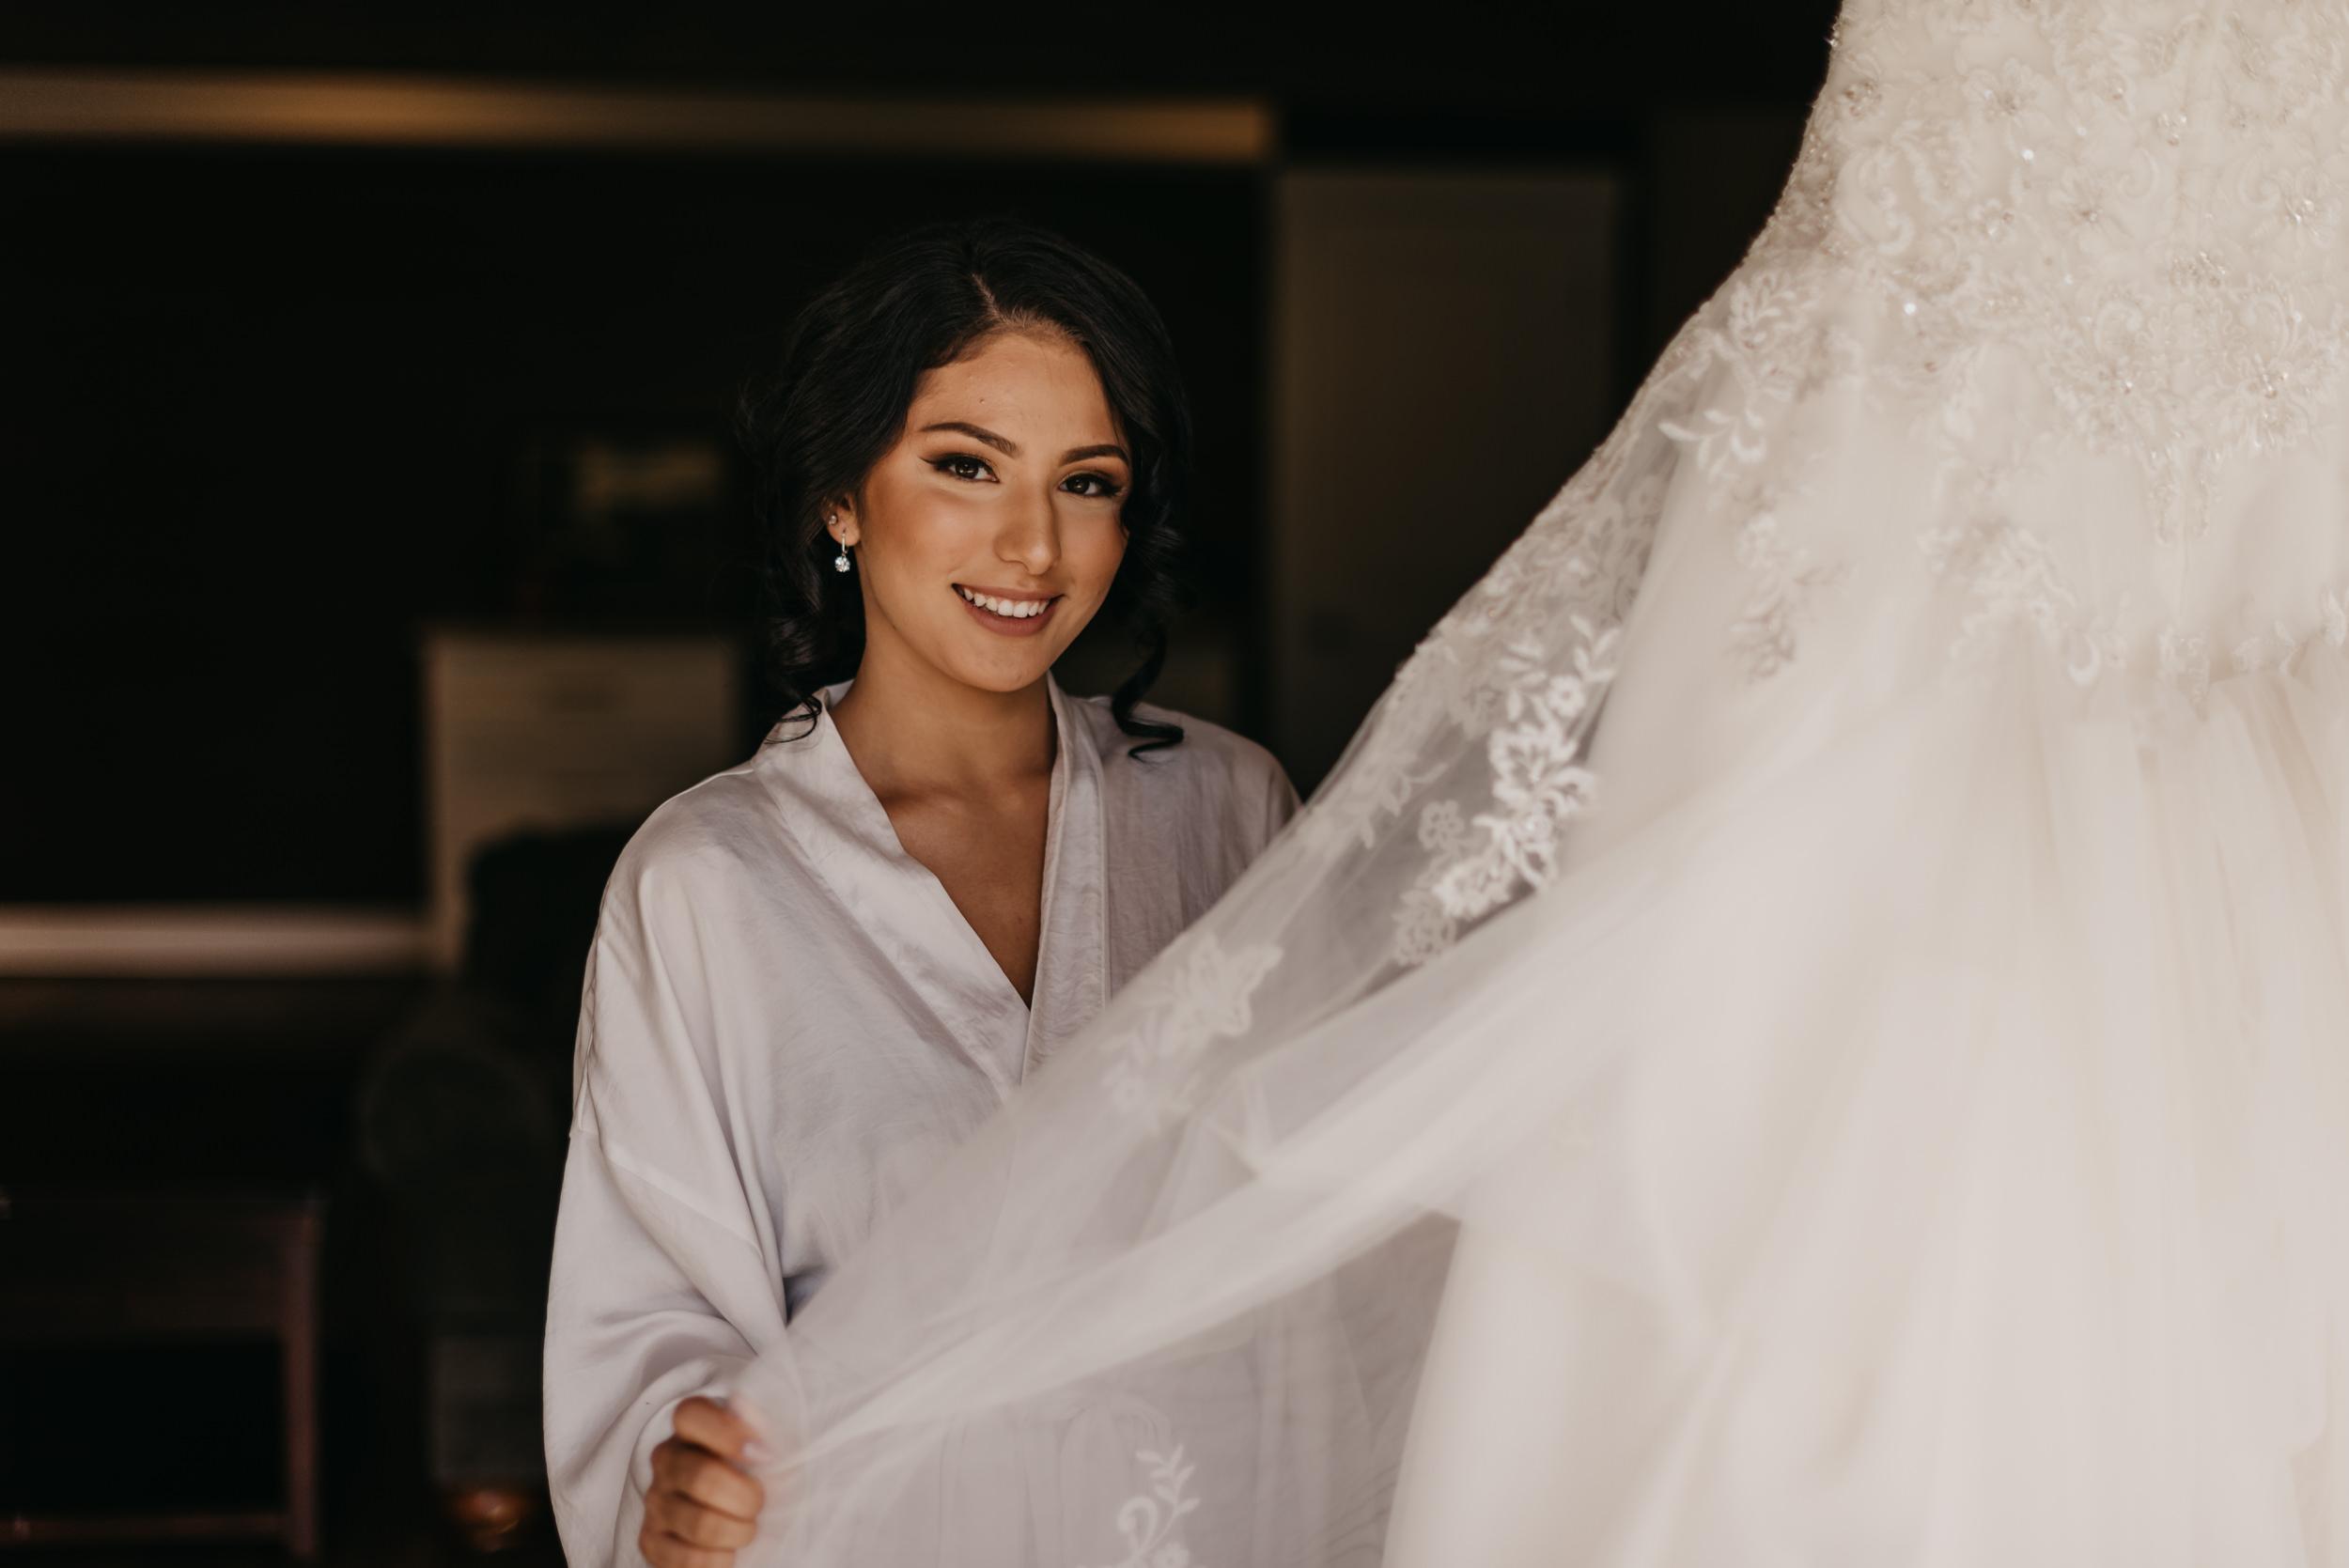 8-bride-getting-ready-groom-bridesmaids-6908.jpg